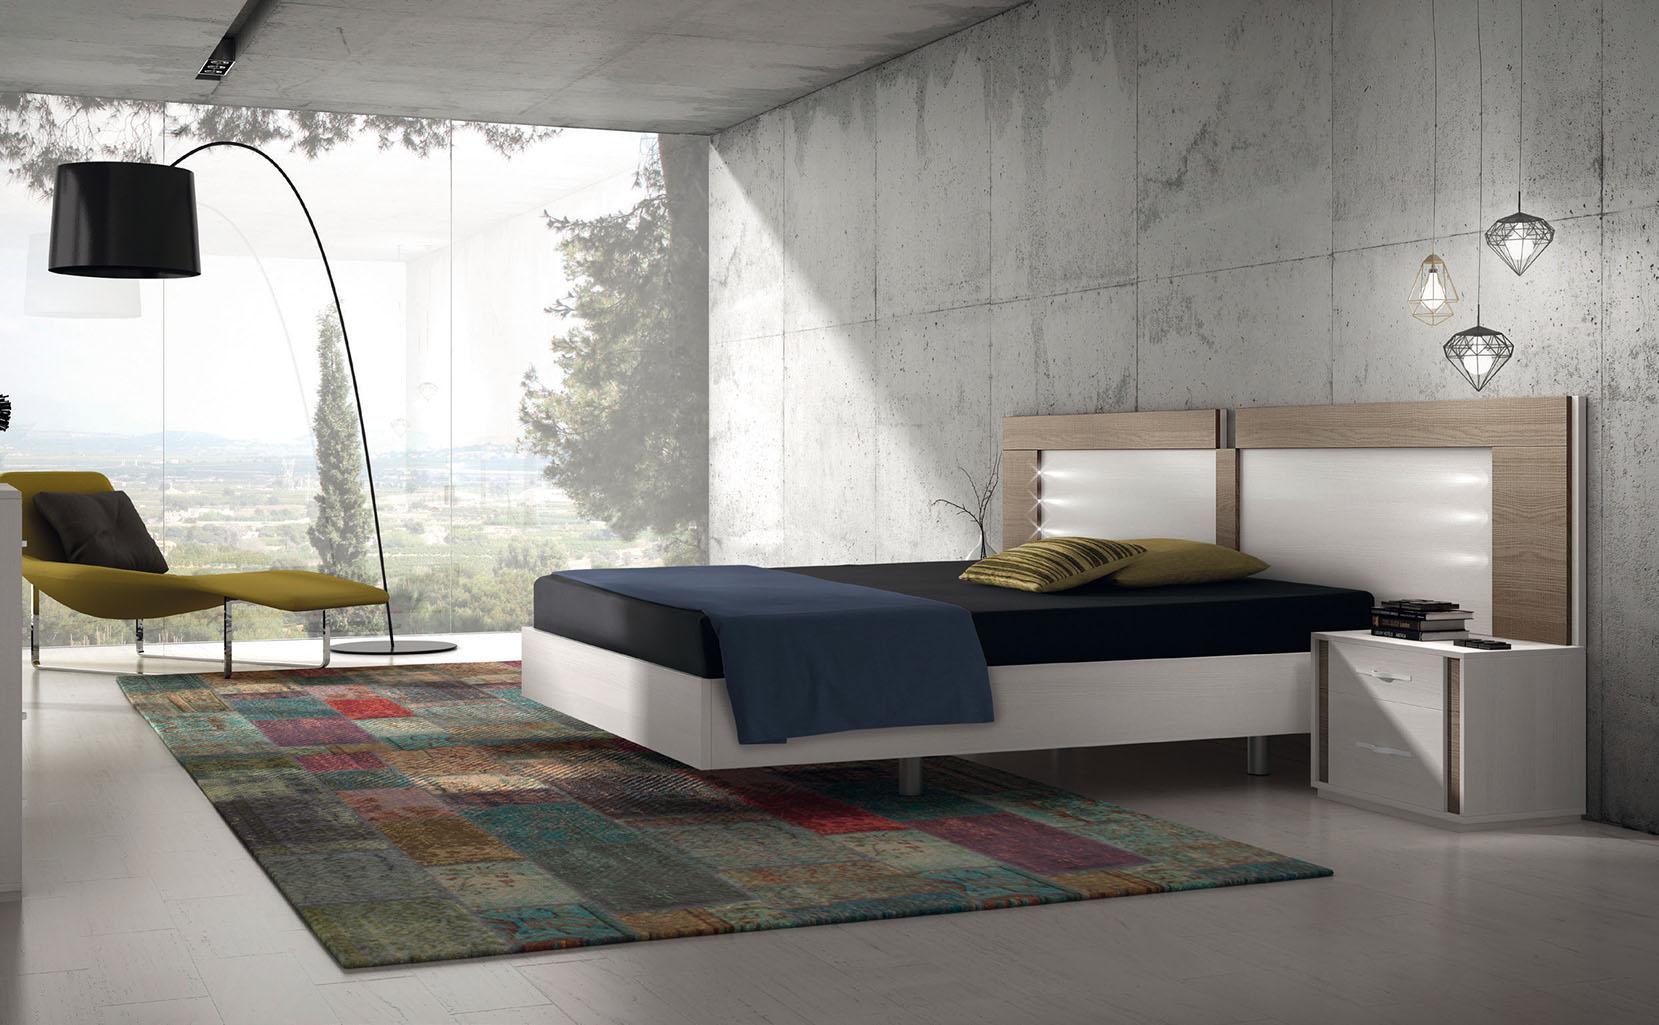 Dormitorios muebles casanova - Muebles dormitorio modernos ...